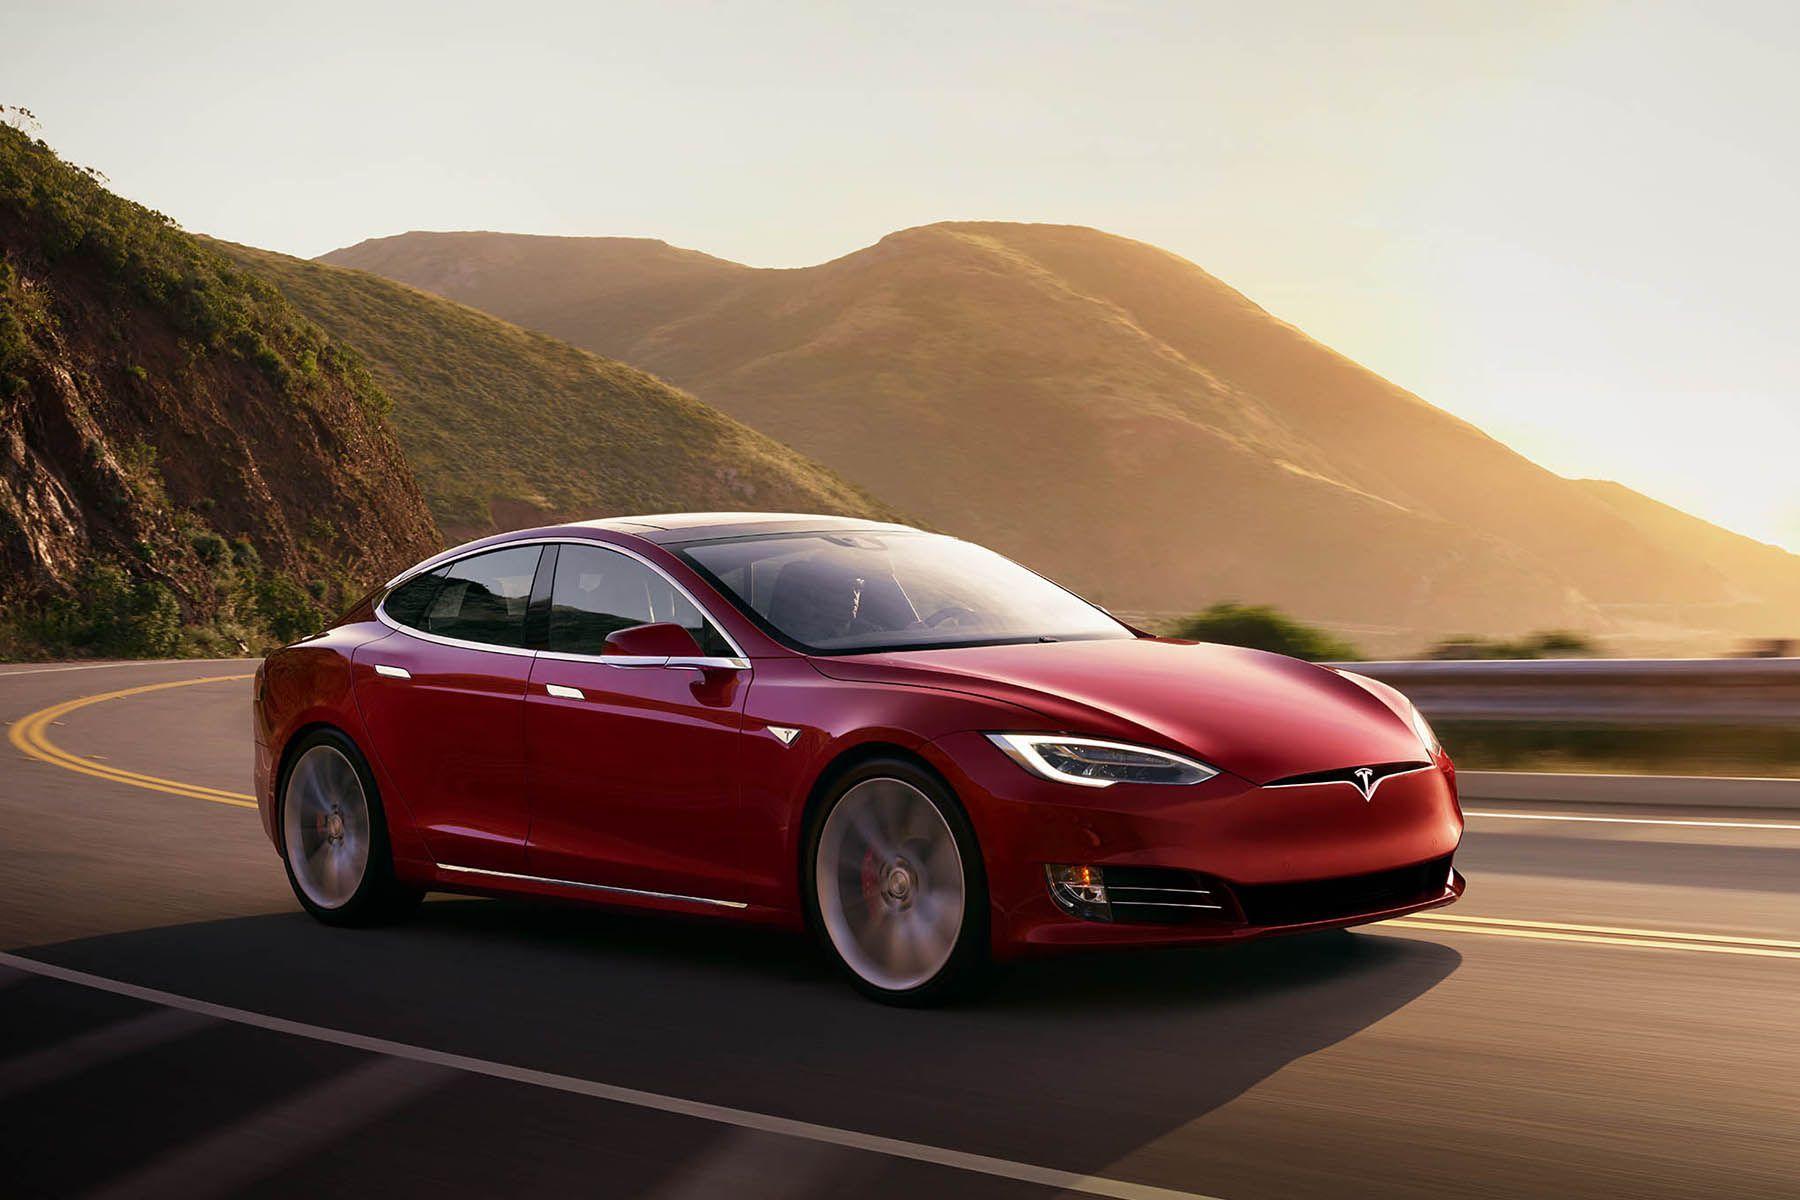 马斯克称特斯拉Model S的起售价降至69,420美元